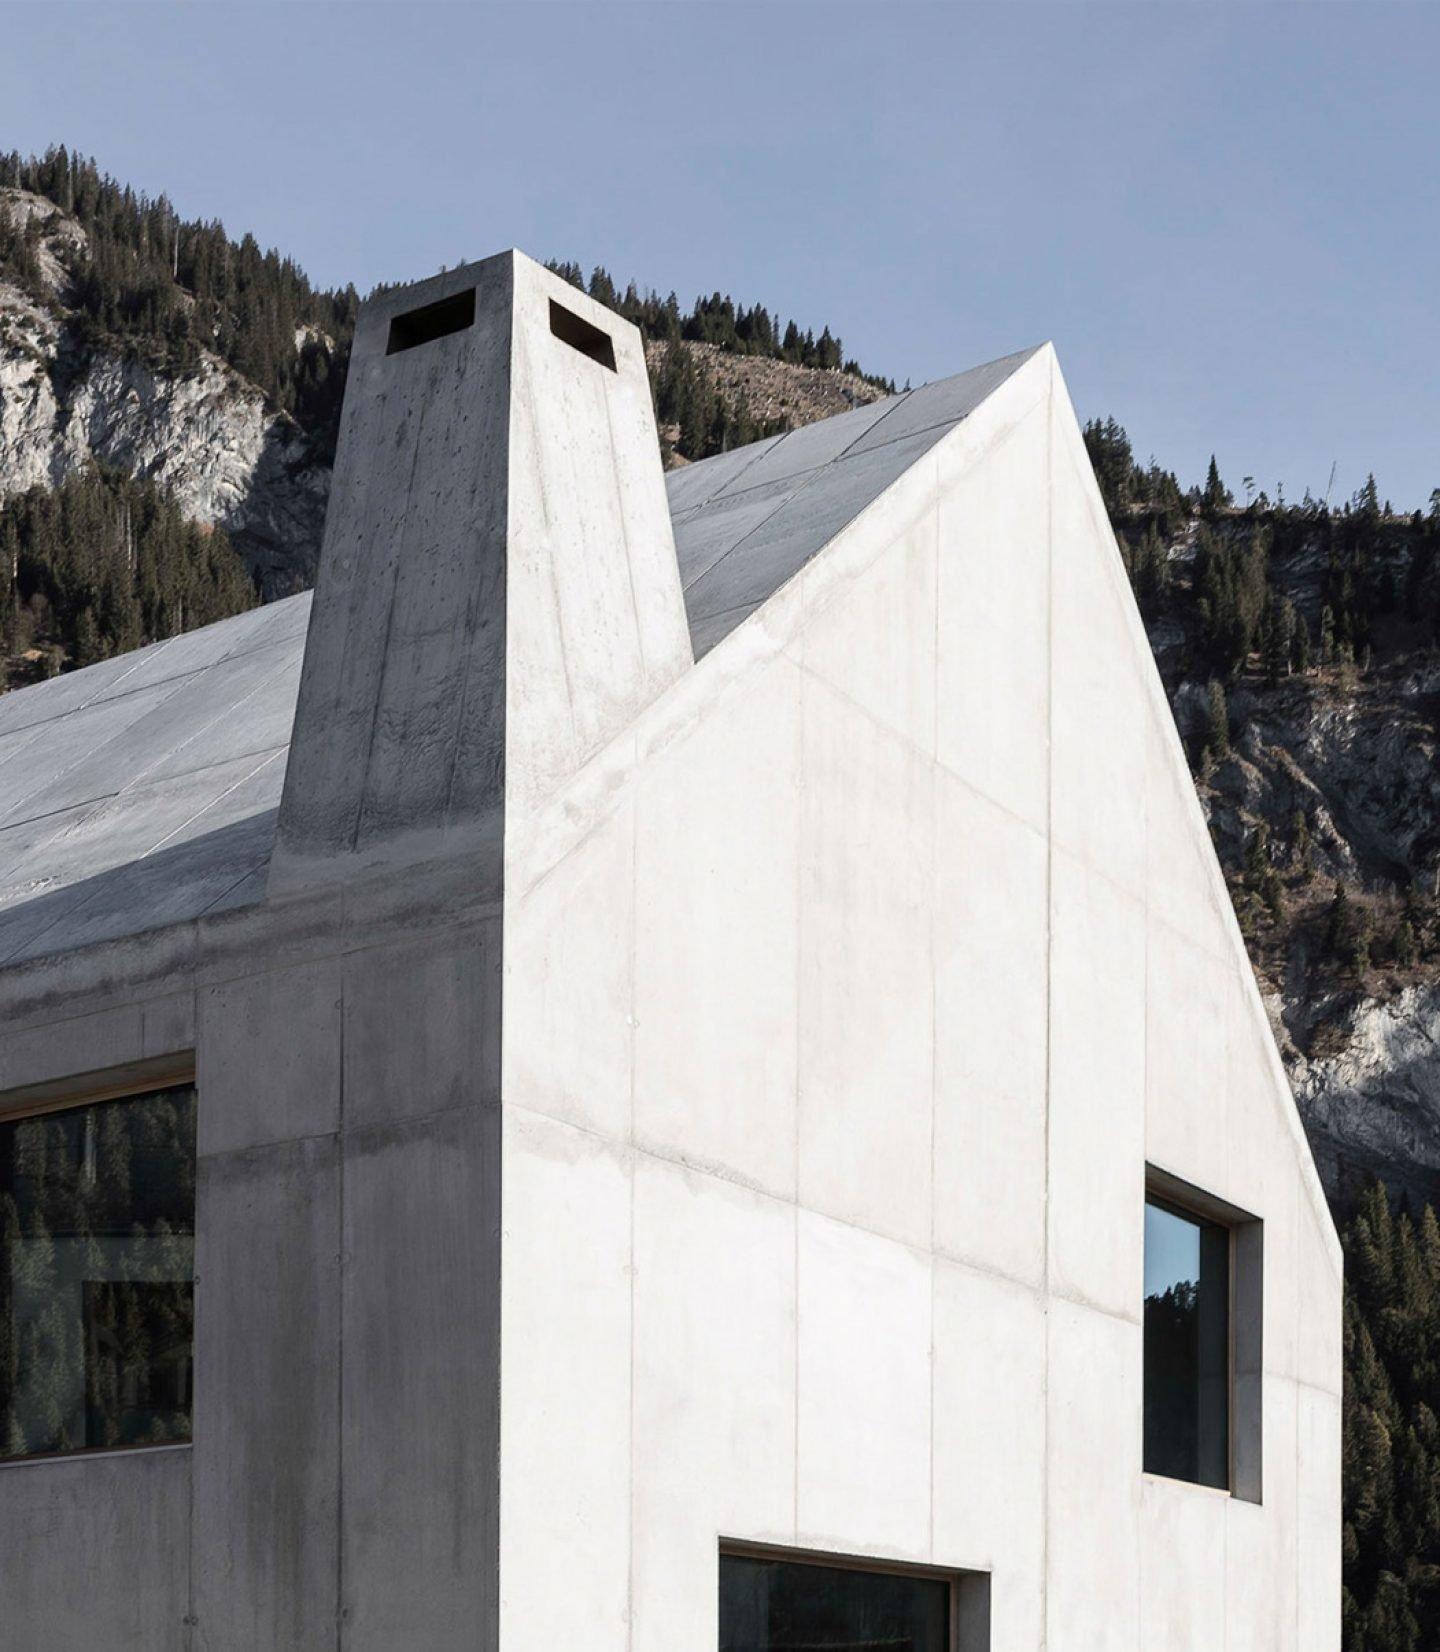 Architecture_TrinCabin_SchnellerCaminadaArchitects_12